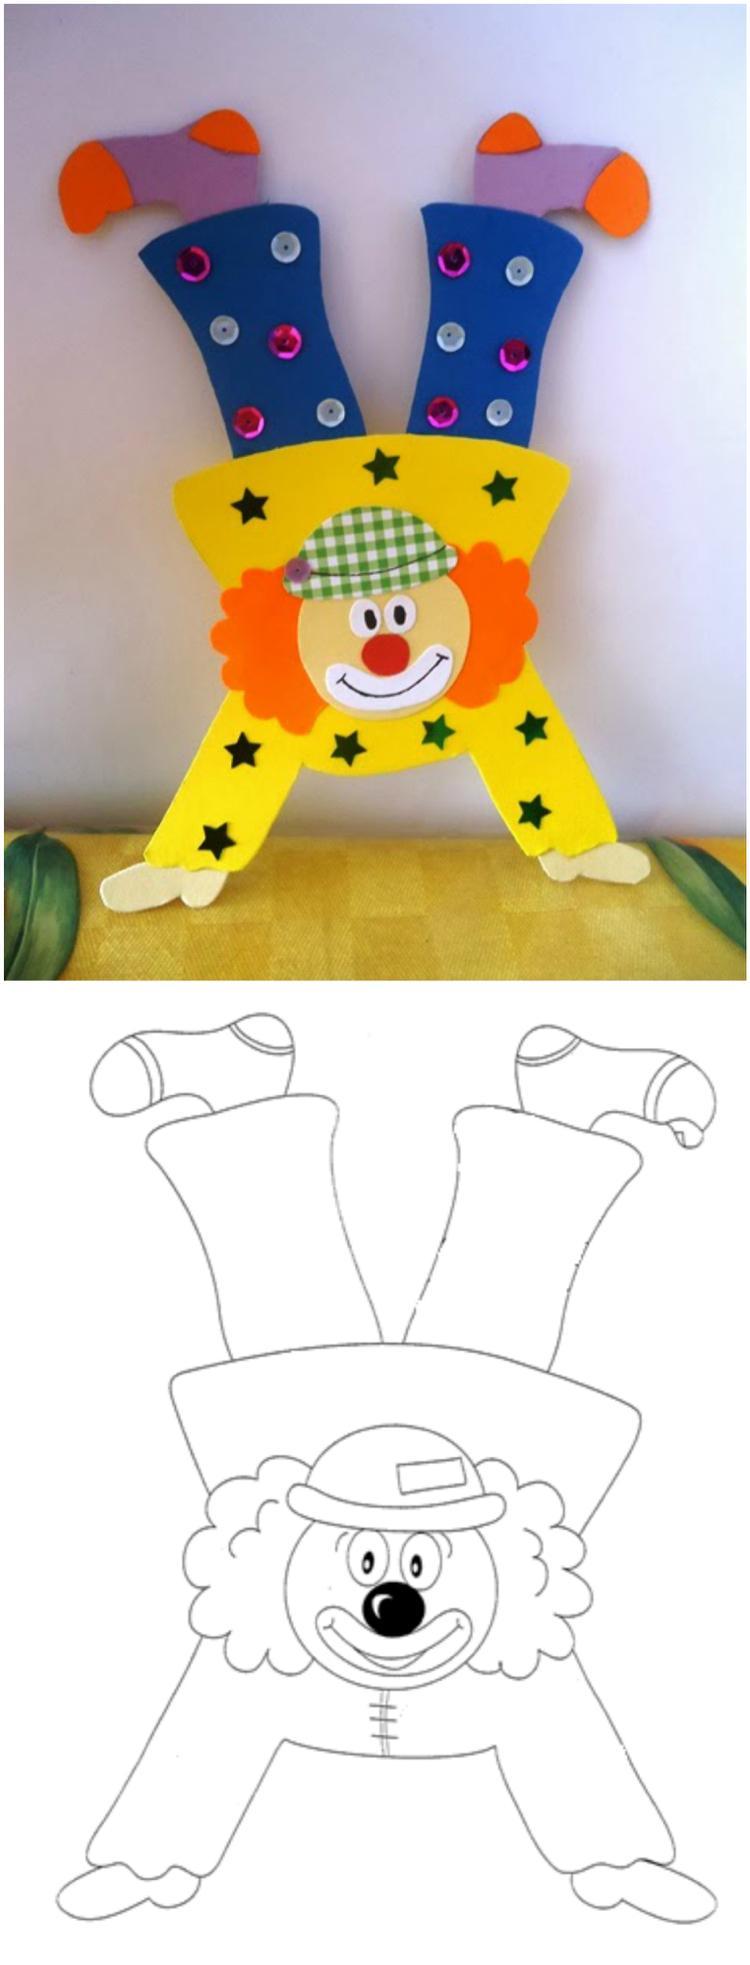 Clown Basteln Mit Kindern Aus Tonpapier Klorollen Pappteller Und Co In 2020 Clown Basteln Vorlage Clown Basteln Fasching Basteln